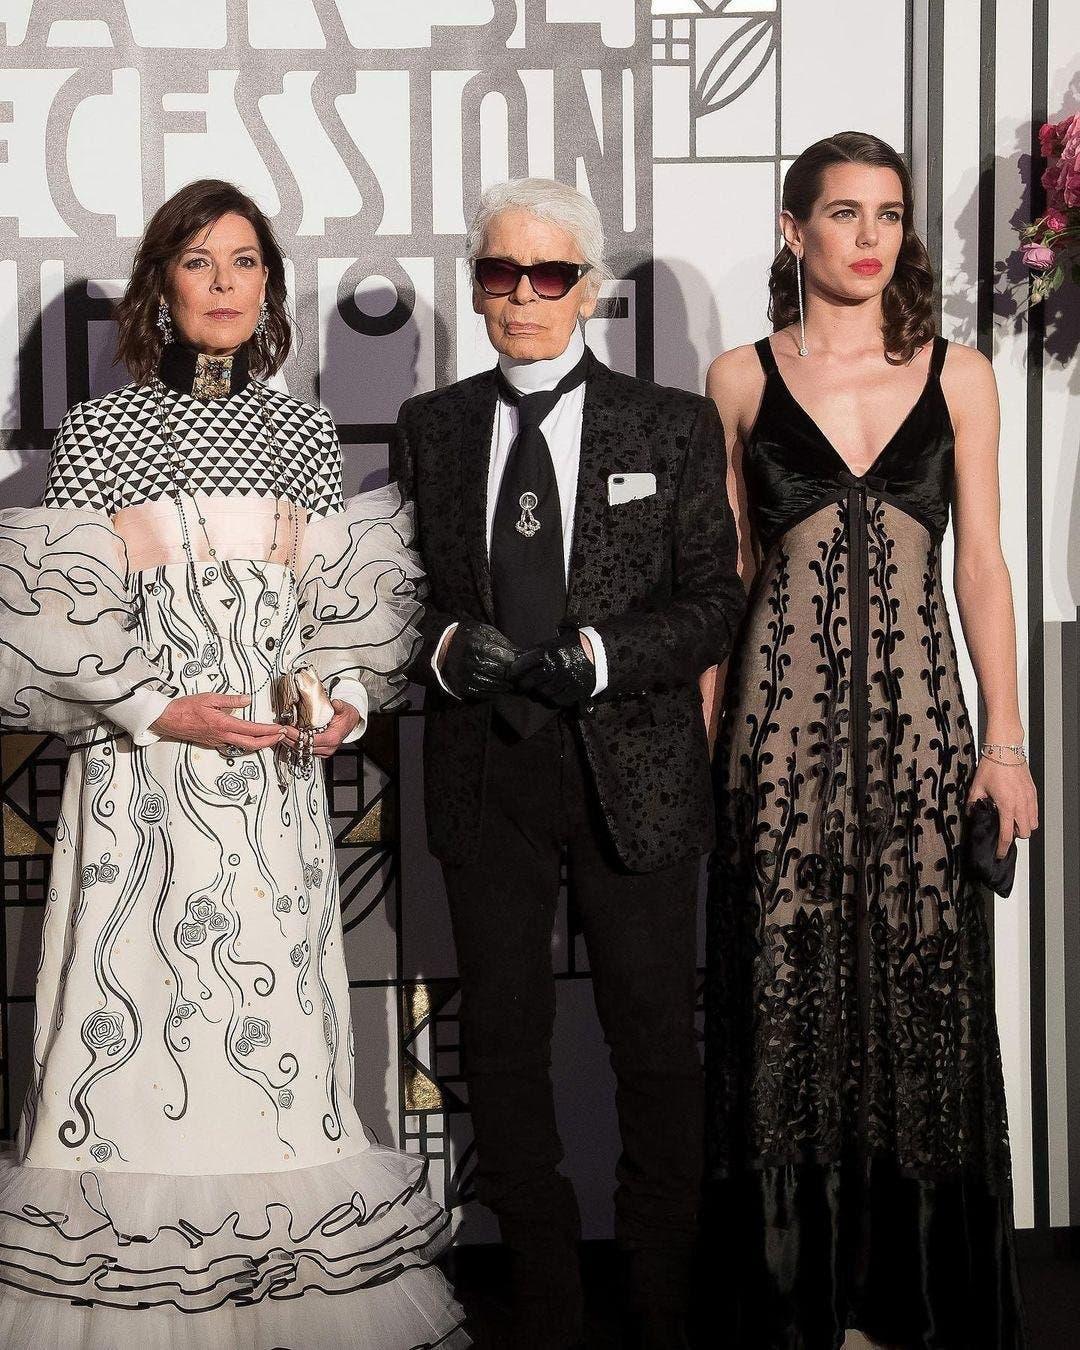 شارلوت برفقة الراحل كارل لاغرفيلد ووالدتها الأميرة كارولين بأزياء من شانيل في العام 2017